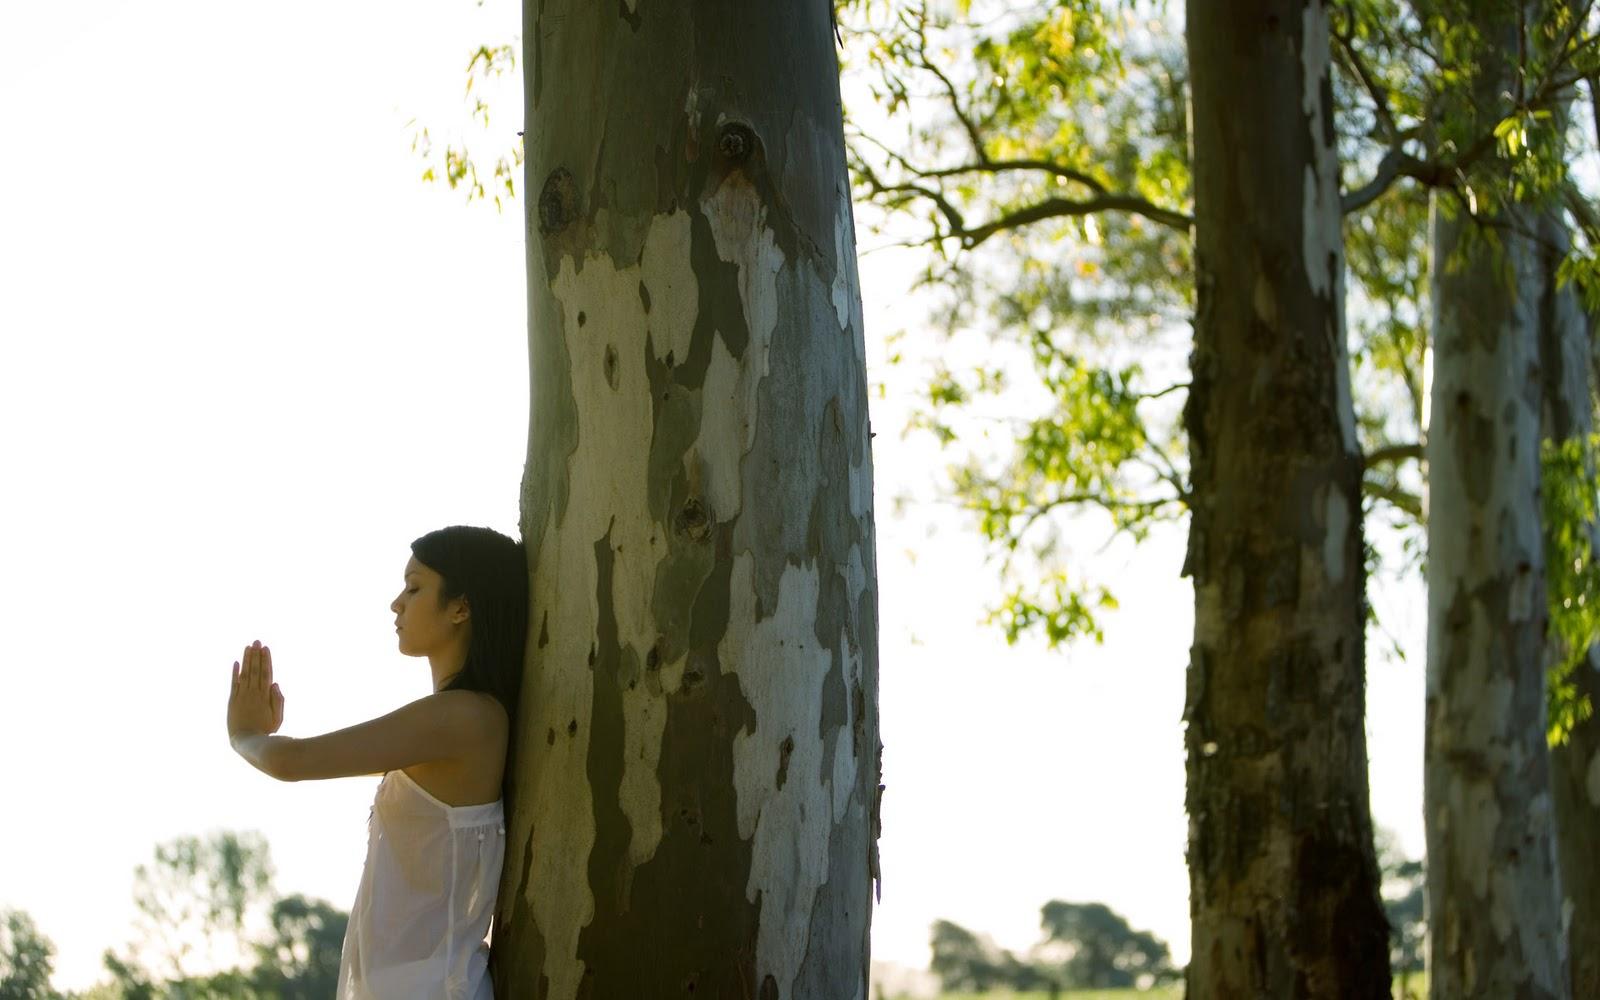 Hermosas Chicas al Aire Libre - Bellas Mujeres en la Naturaleza